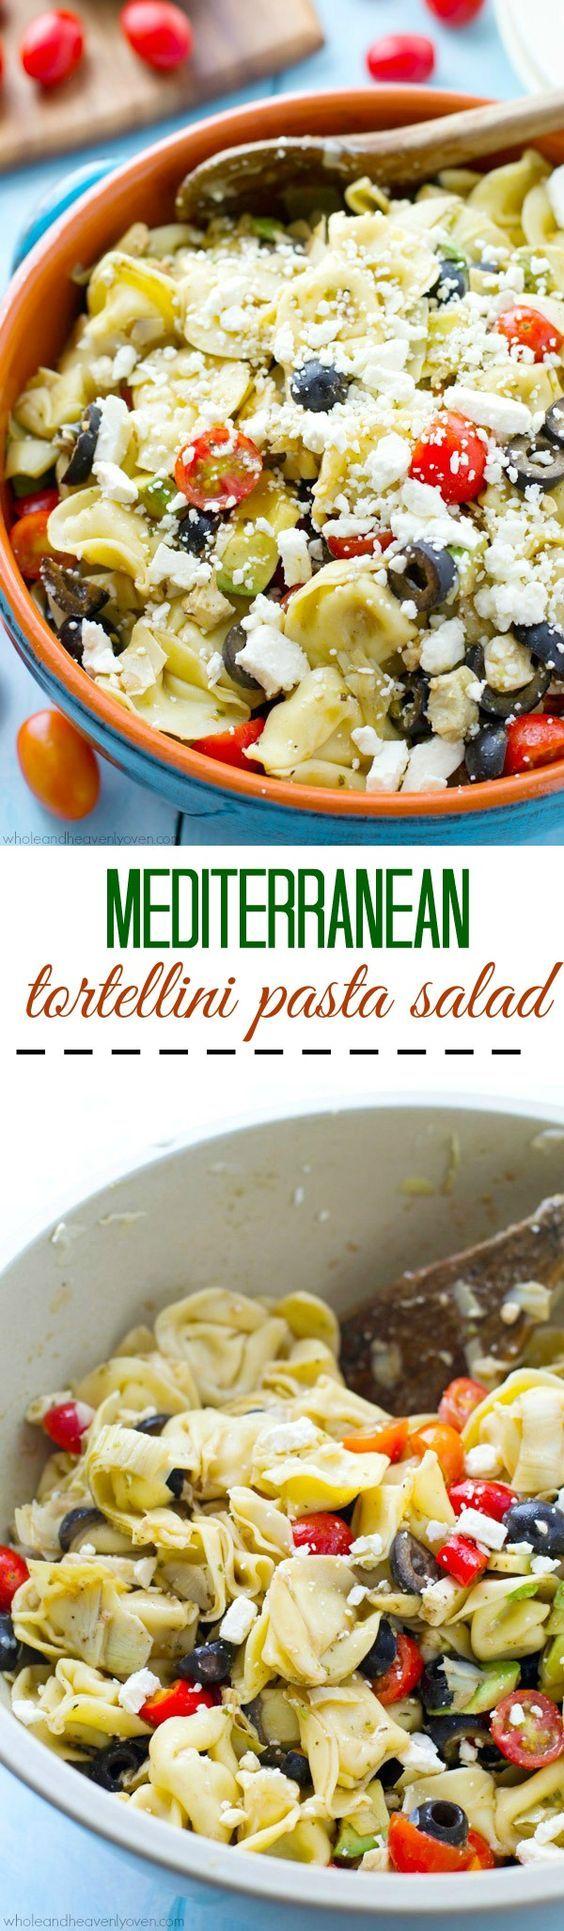 Mediterranean Tortellini Pasta Salad | Recipe